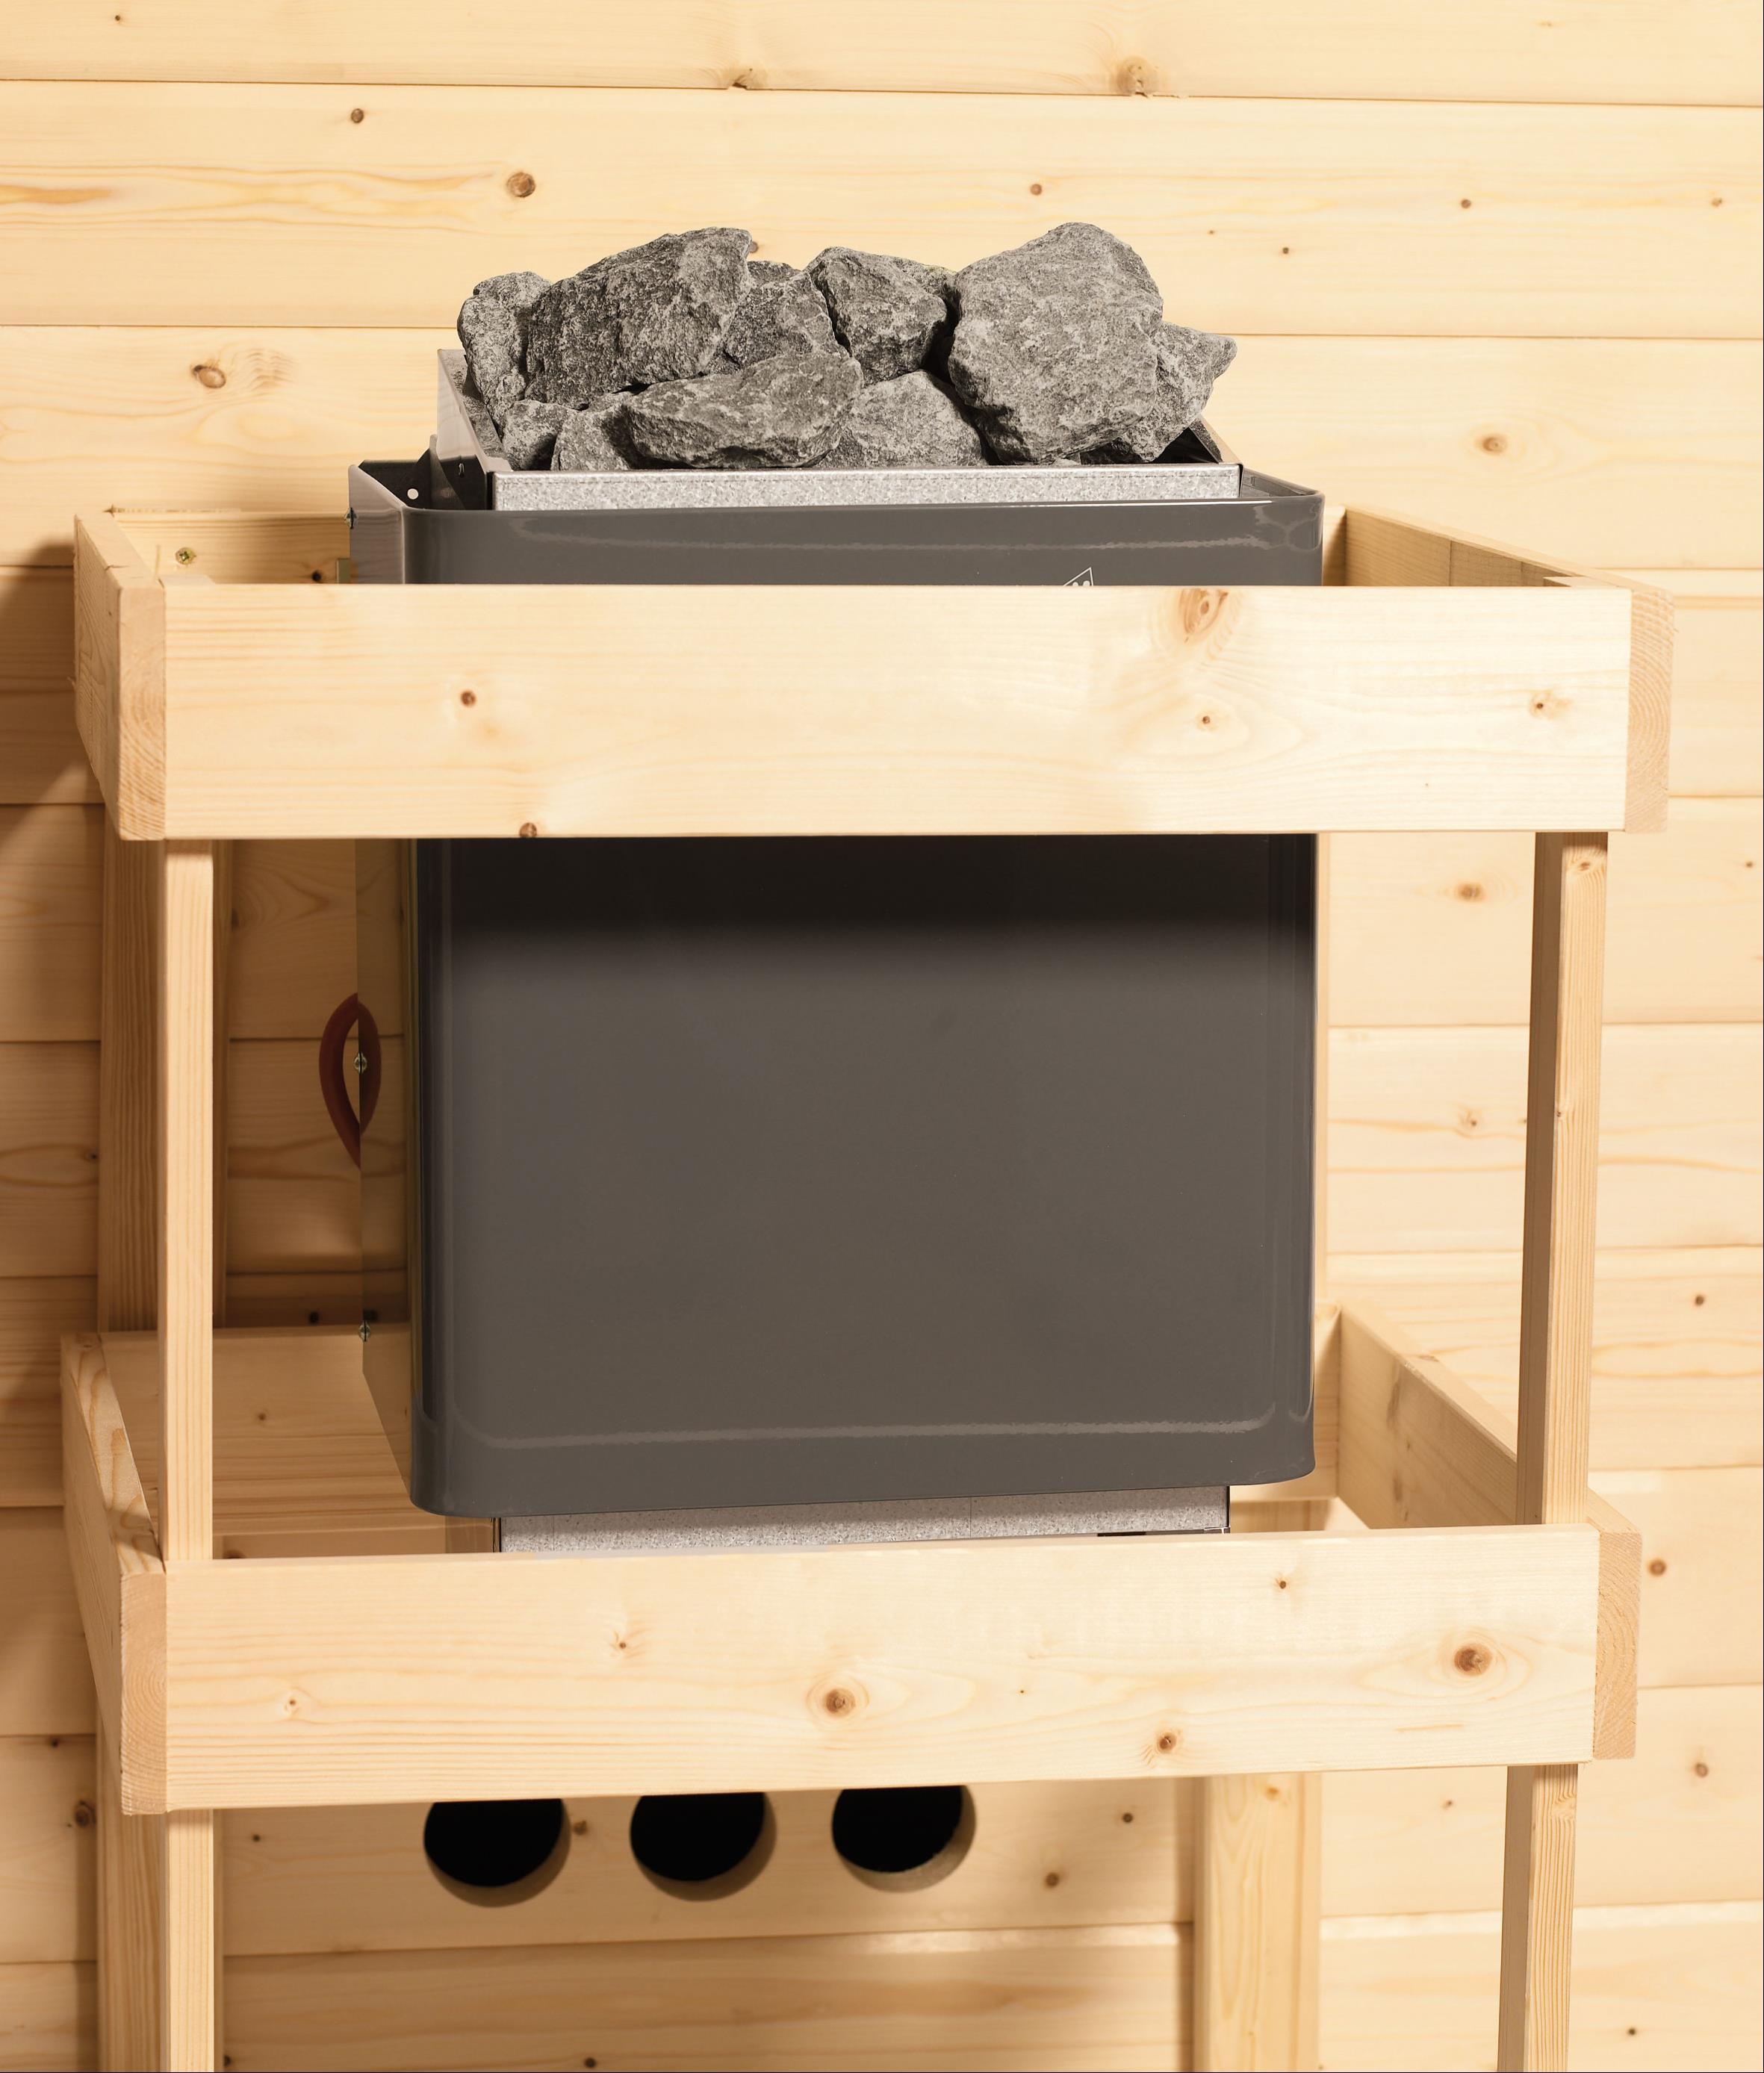 Gartensauna Karibu Saunahaus Jorgen 38mm Ofen 9kW int. Tür Milchglas Bild 7